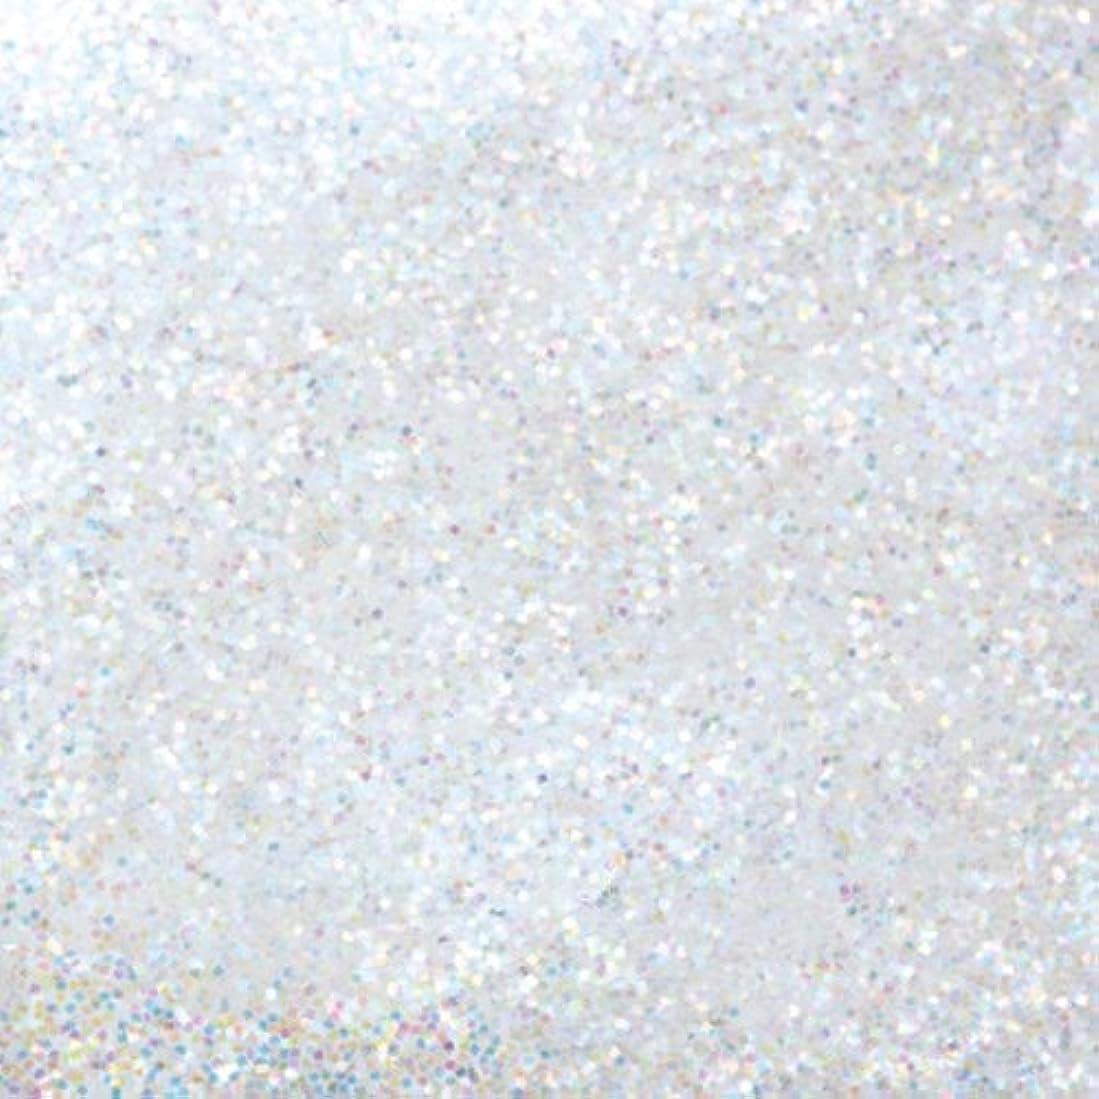 敵倍率投獄ピカエース ネイル用パウダー ピカエース ラメカラーレインボー S #400 ホワイト 0.7g アート材